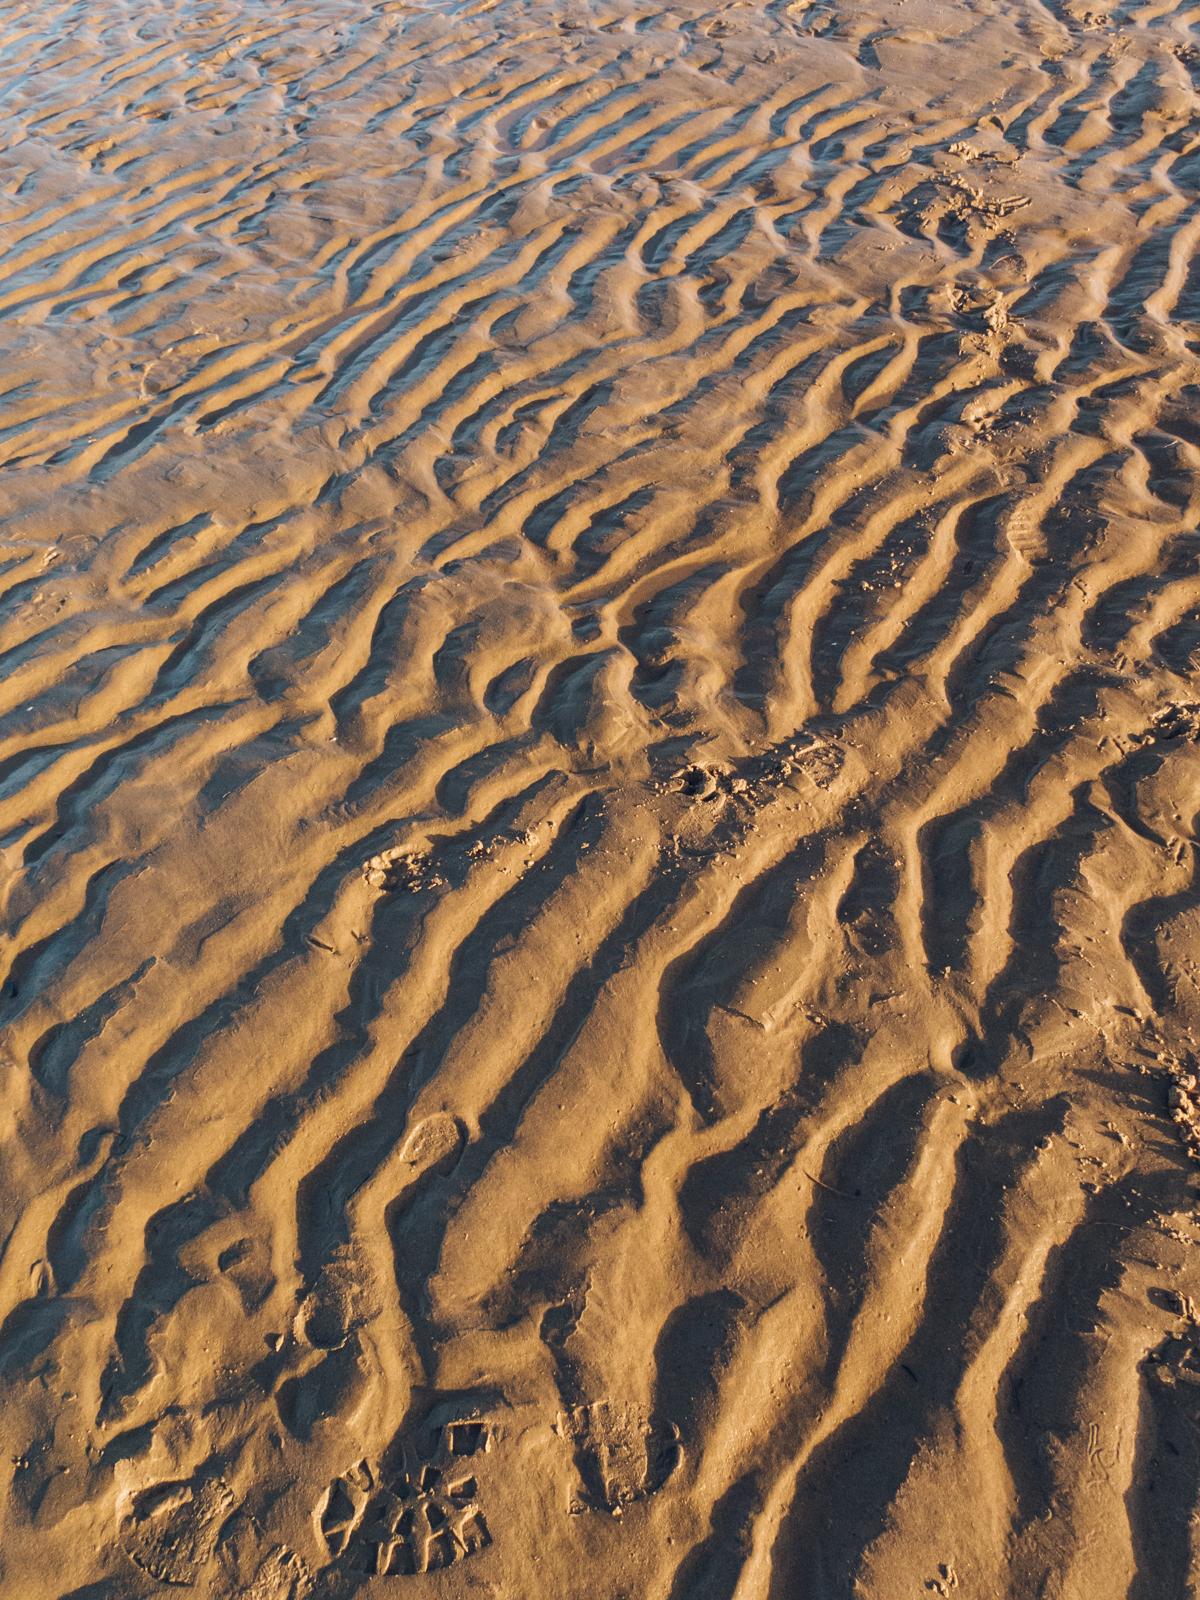 Light and shadow on a sandy beach.